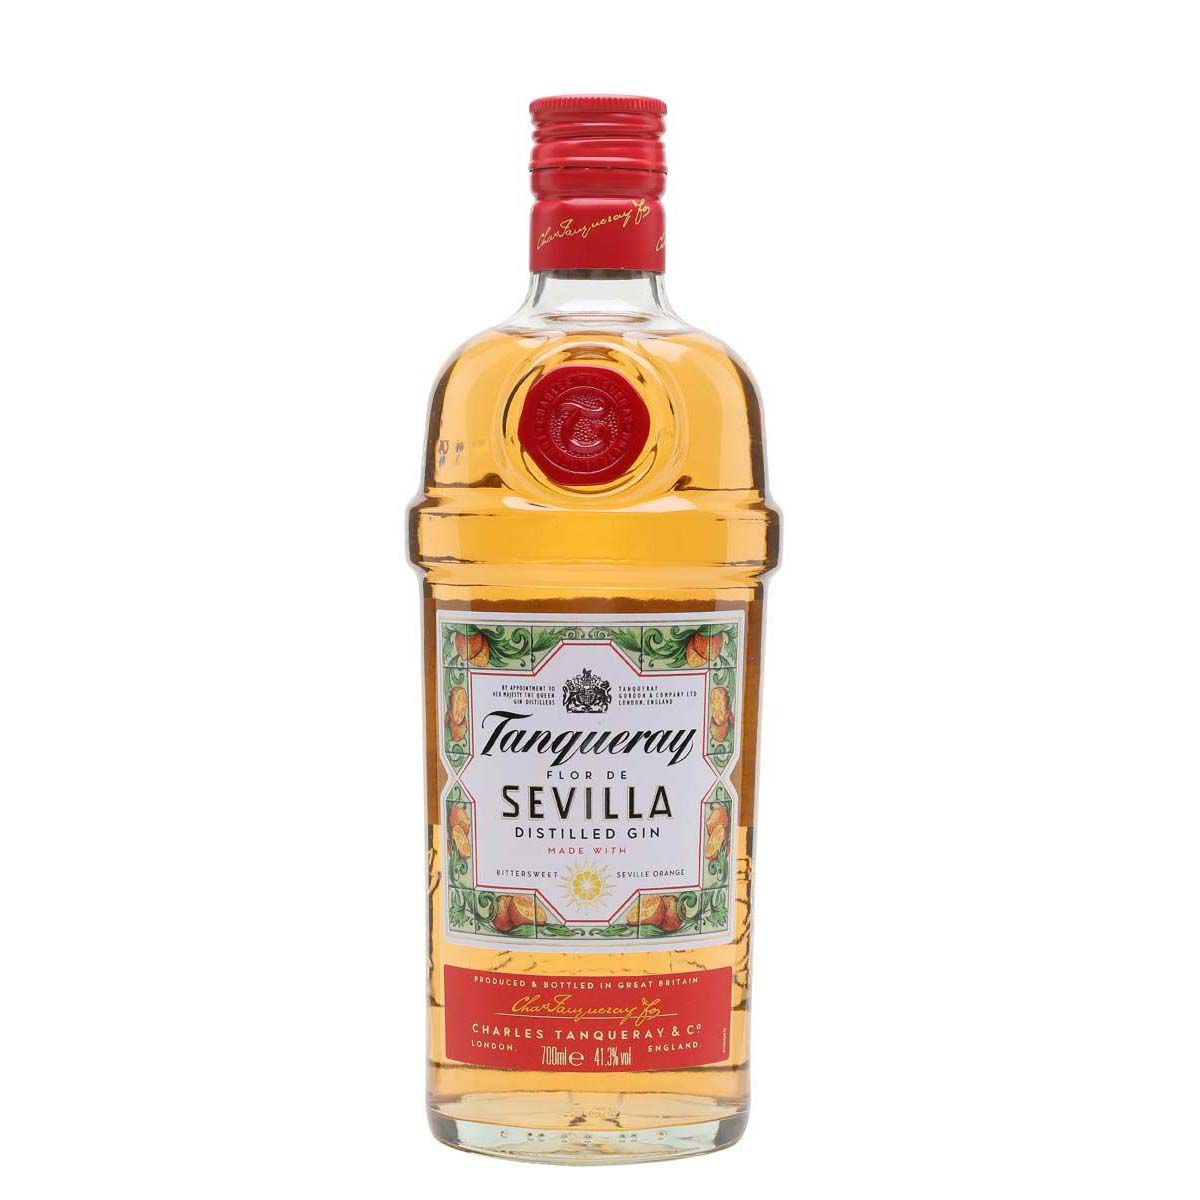 Gin Tanqueray Flor de Sevilla - 750ml -